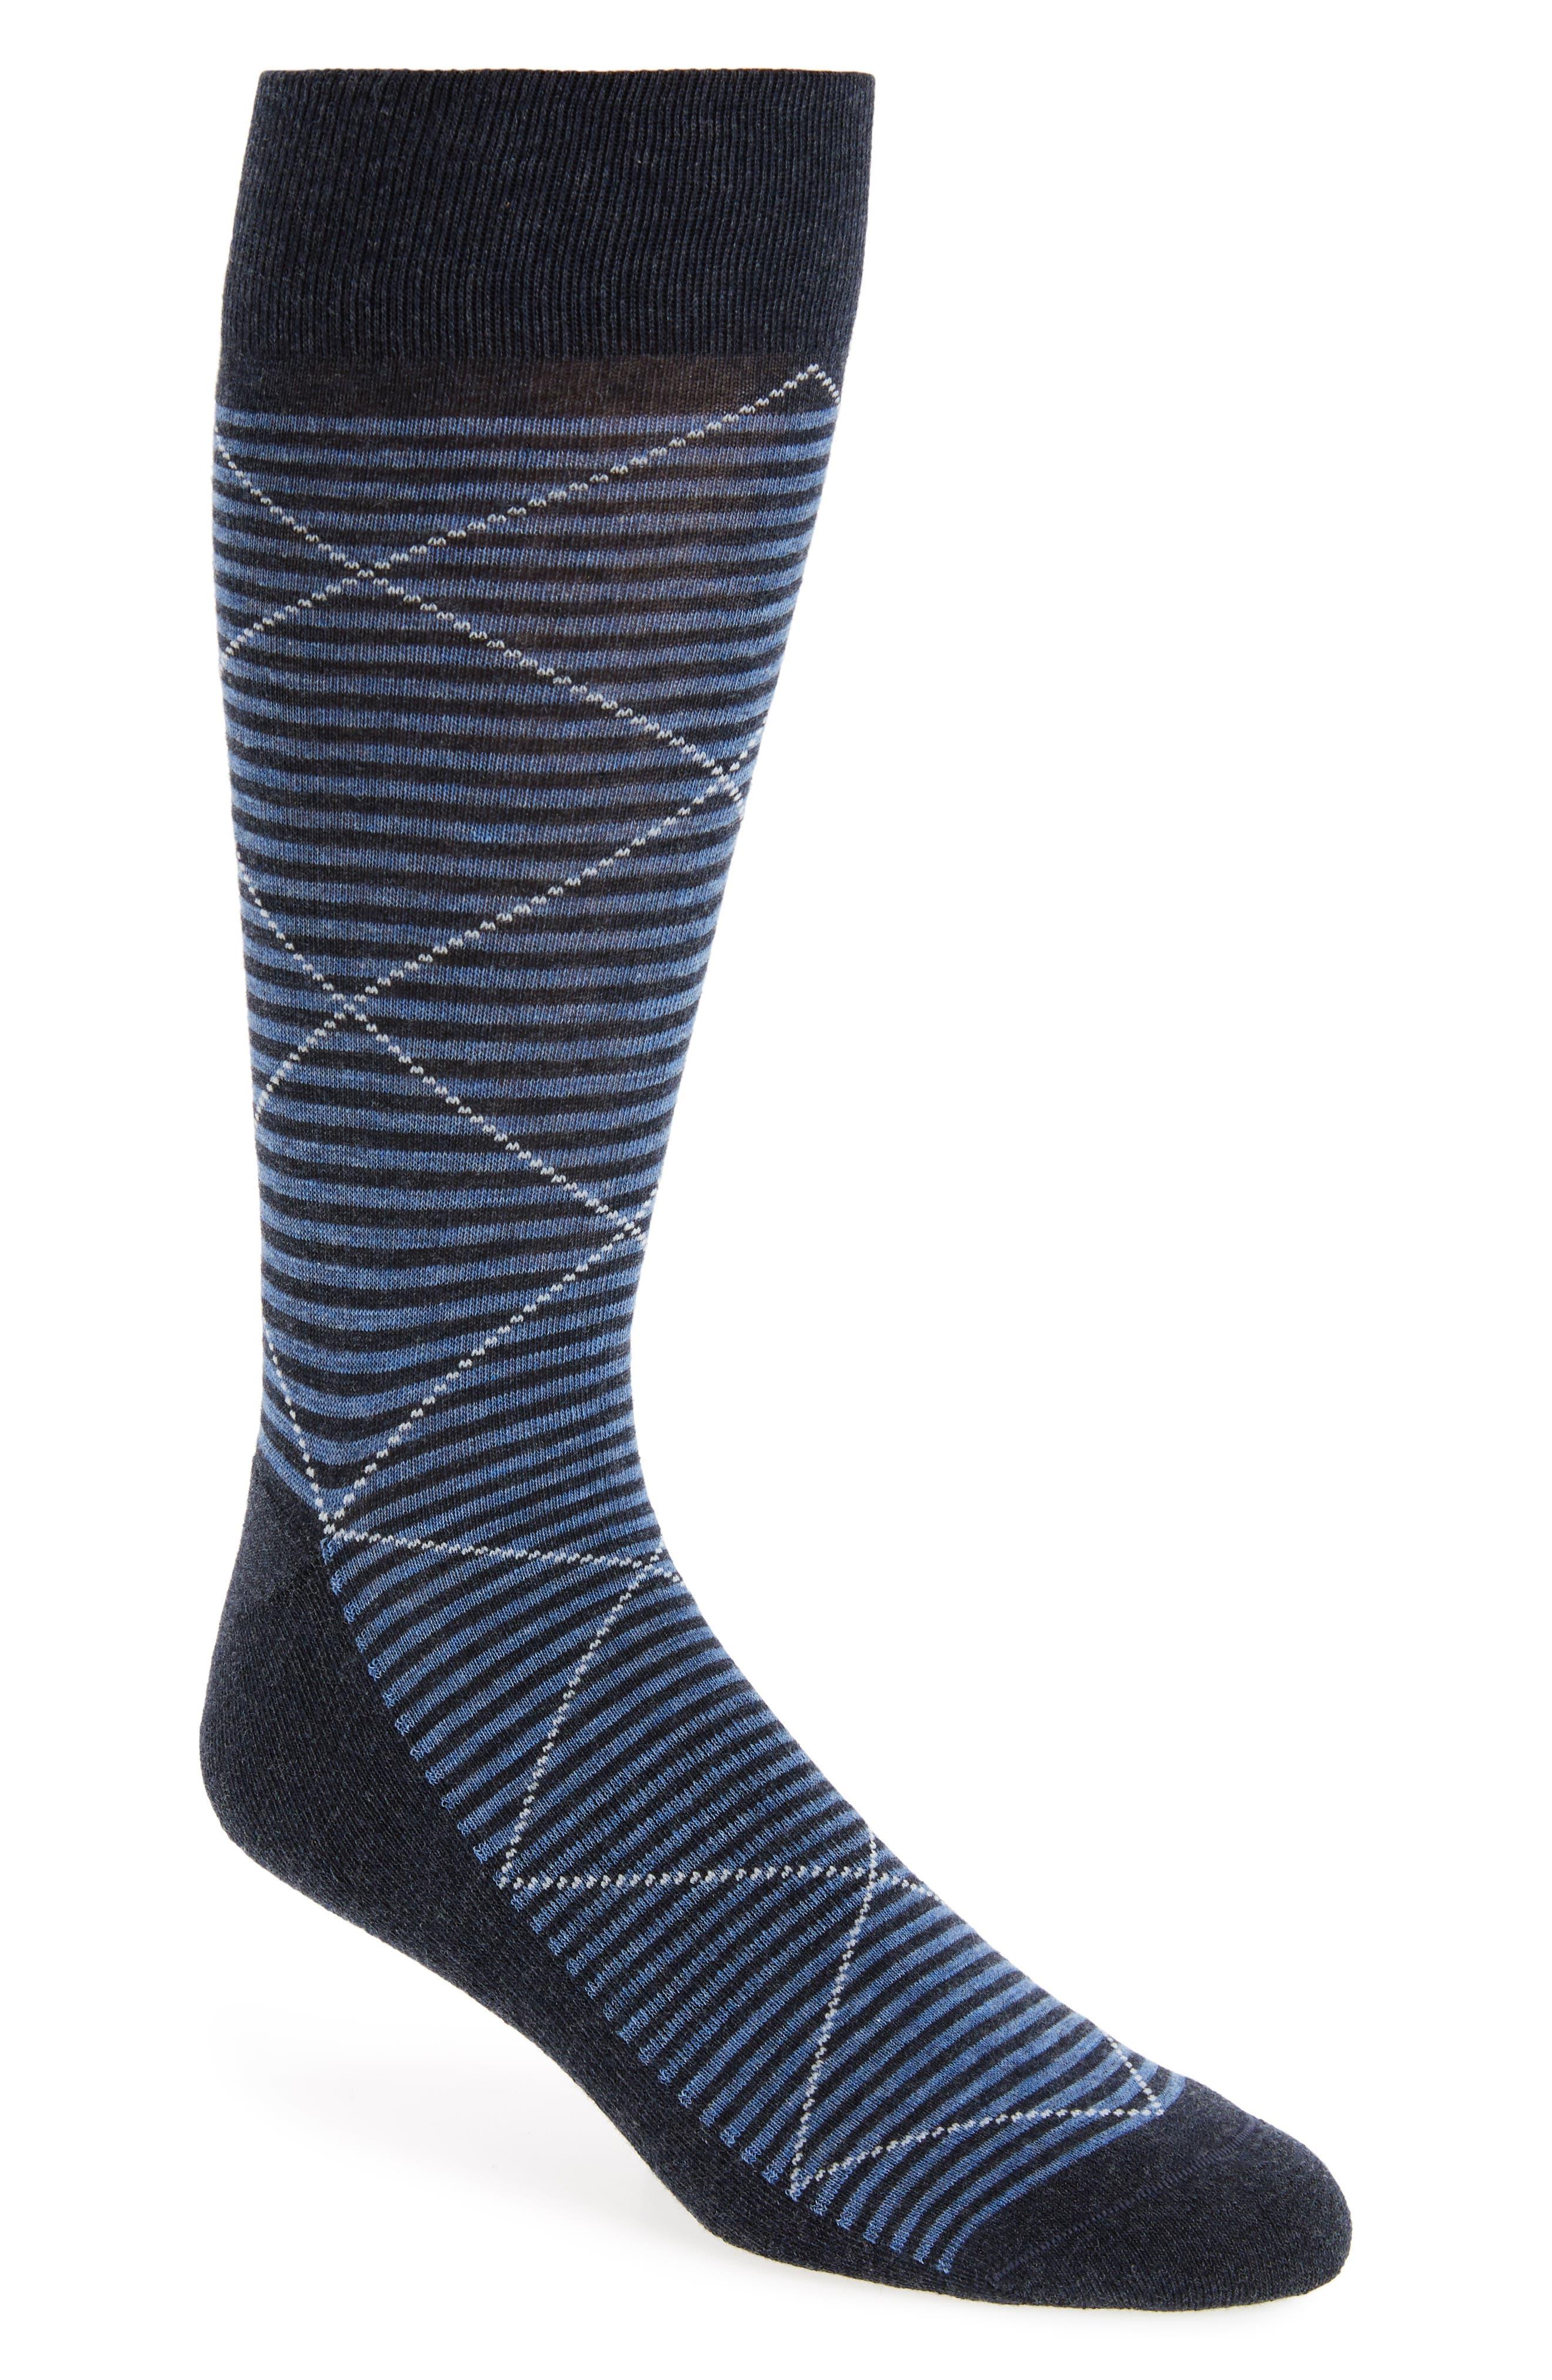 Argyle Socks,                         Main,                         color, Navy Heather